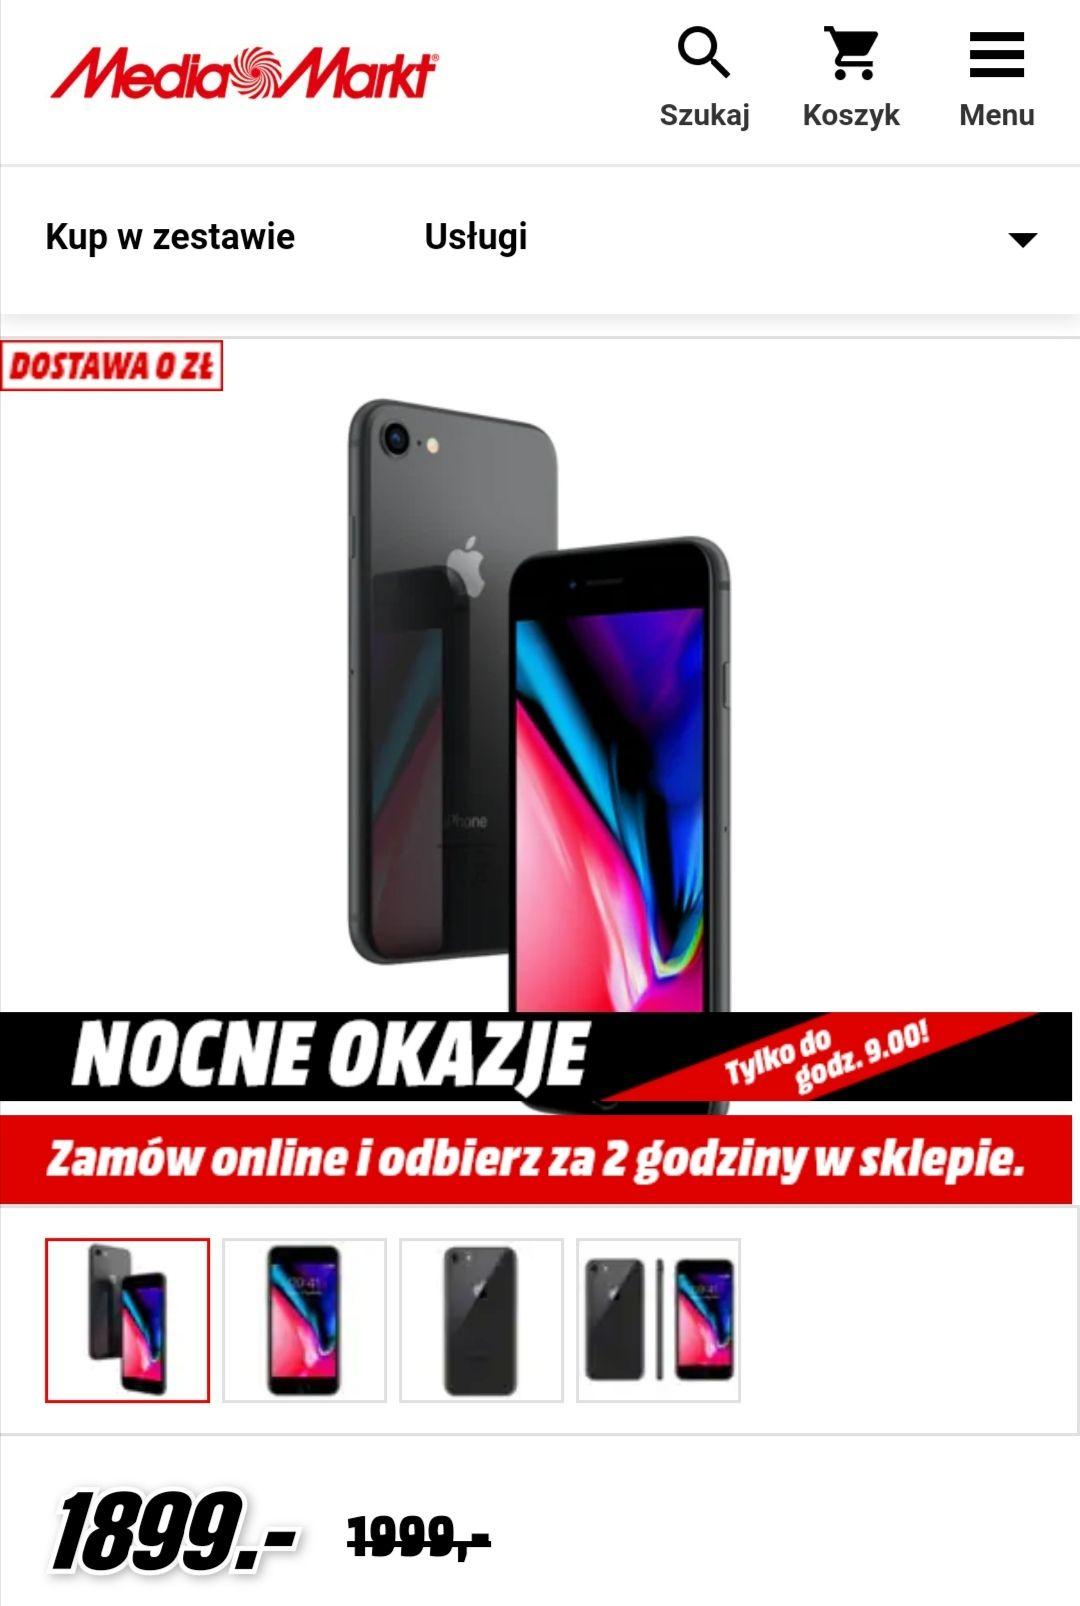 Smartfon APPLE iPhone 8 64GB Gwiezdna szarość